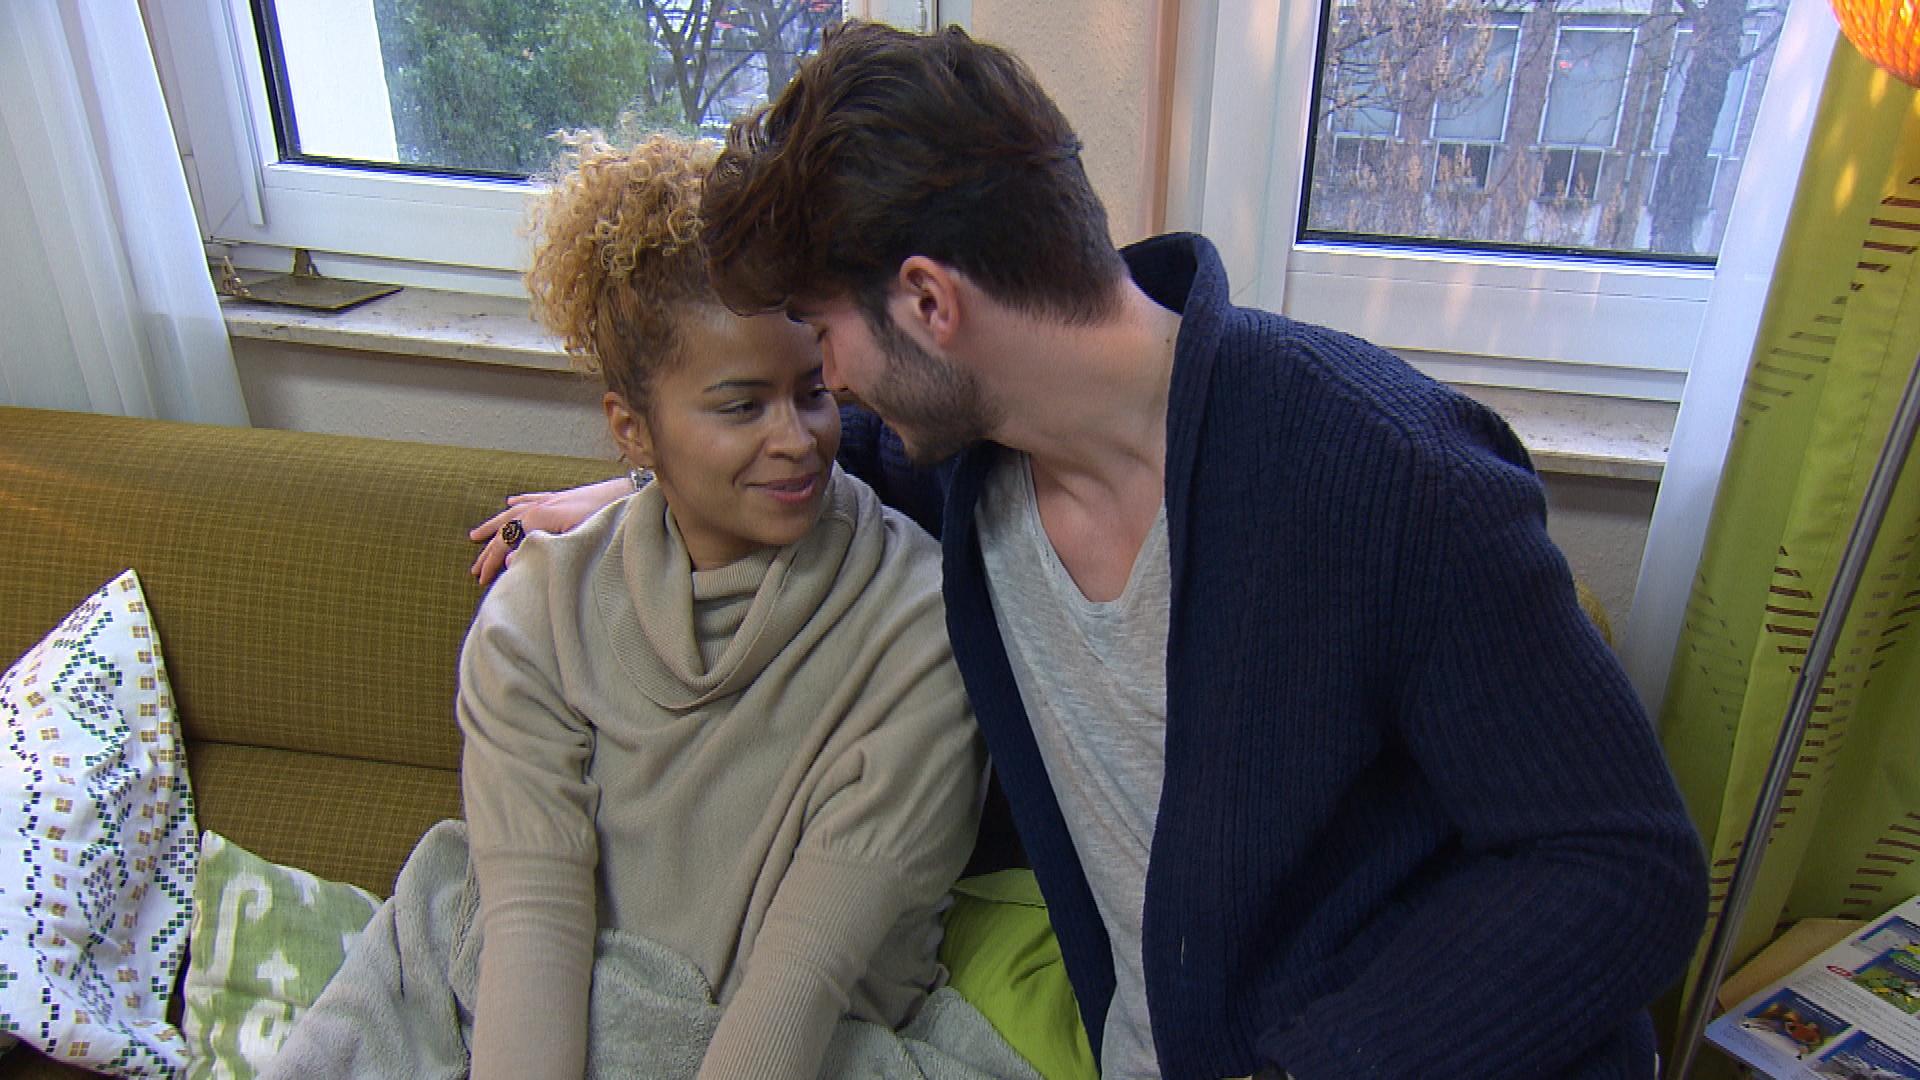 Sam ist überrumpelt, als Fil sie fragt, ob er vorübergehend bei ihr einziehen darf. Letztendlich ist sie einverstanden und zuversichtlich, dass das WG-Leben mit Fil harmonisch verläuft. (Quelle: RTL 2)